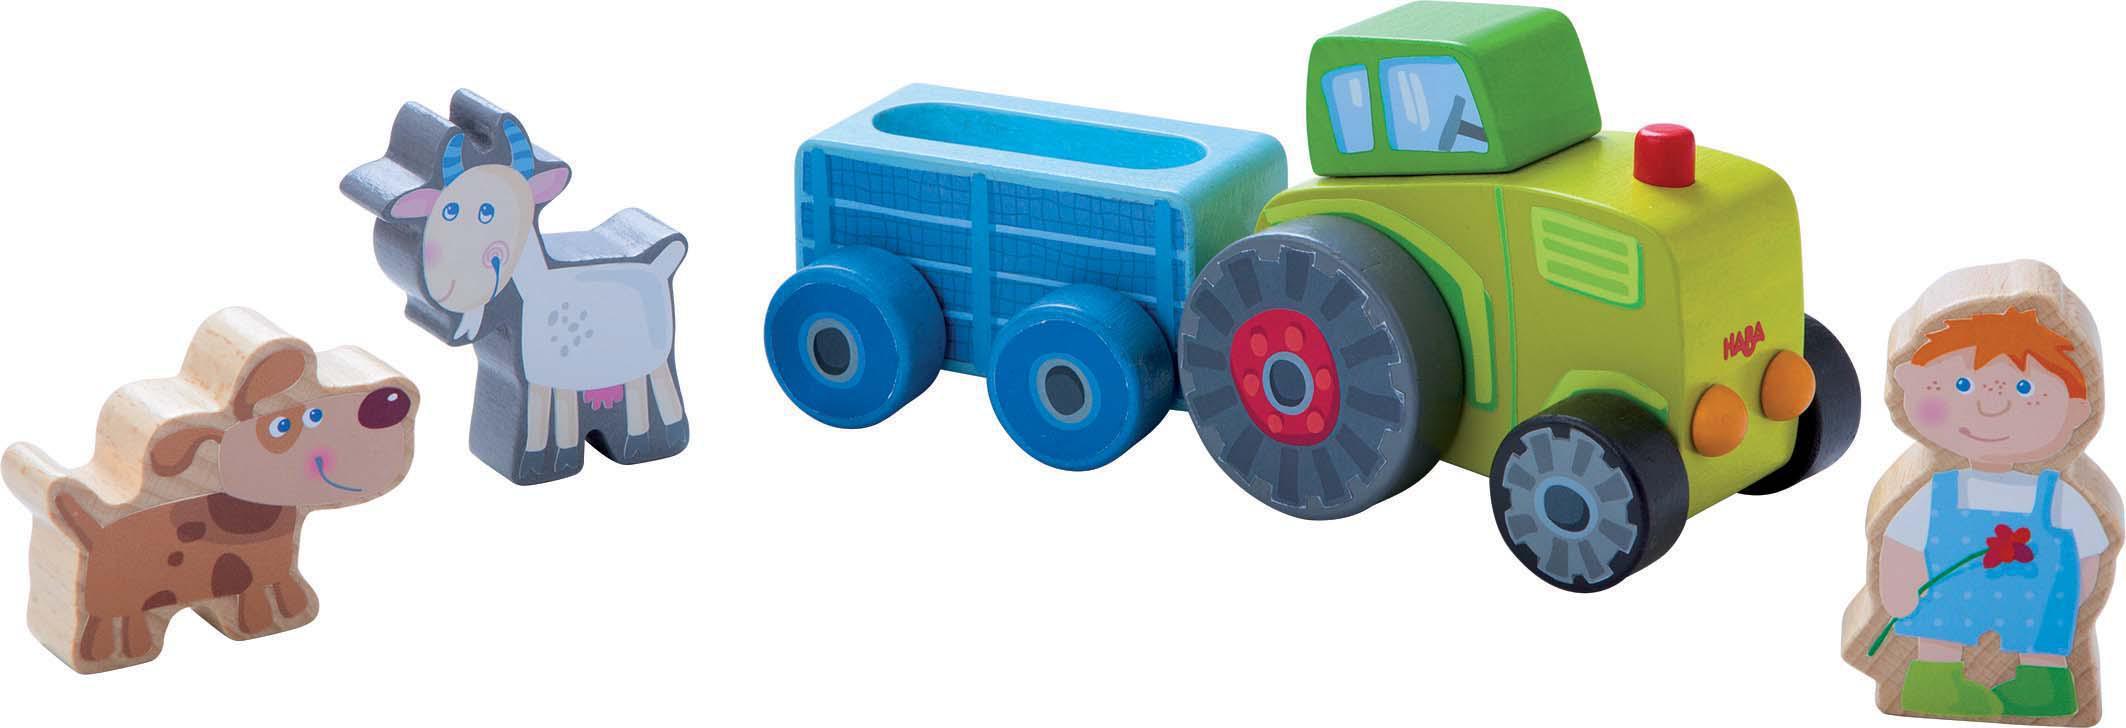 kinderzimmer » kinderzimmer deko traktor - tausende fotosammlung ... - Haba Kinderzimmer Deko